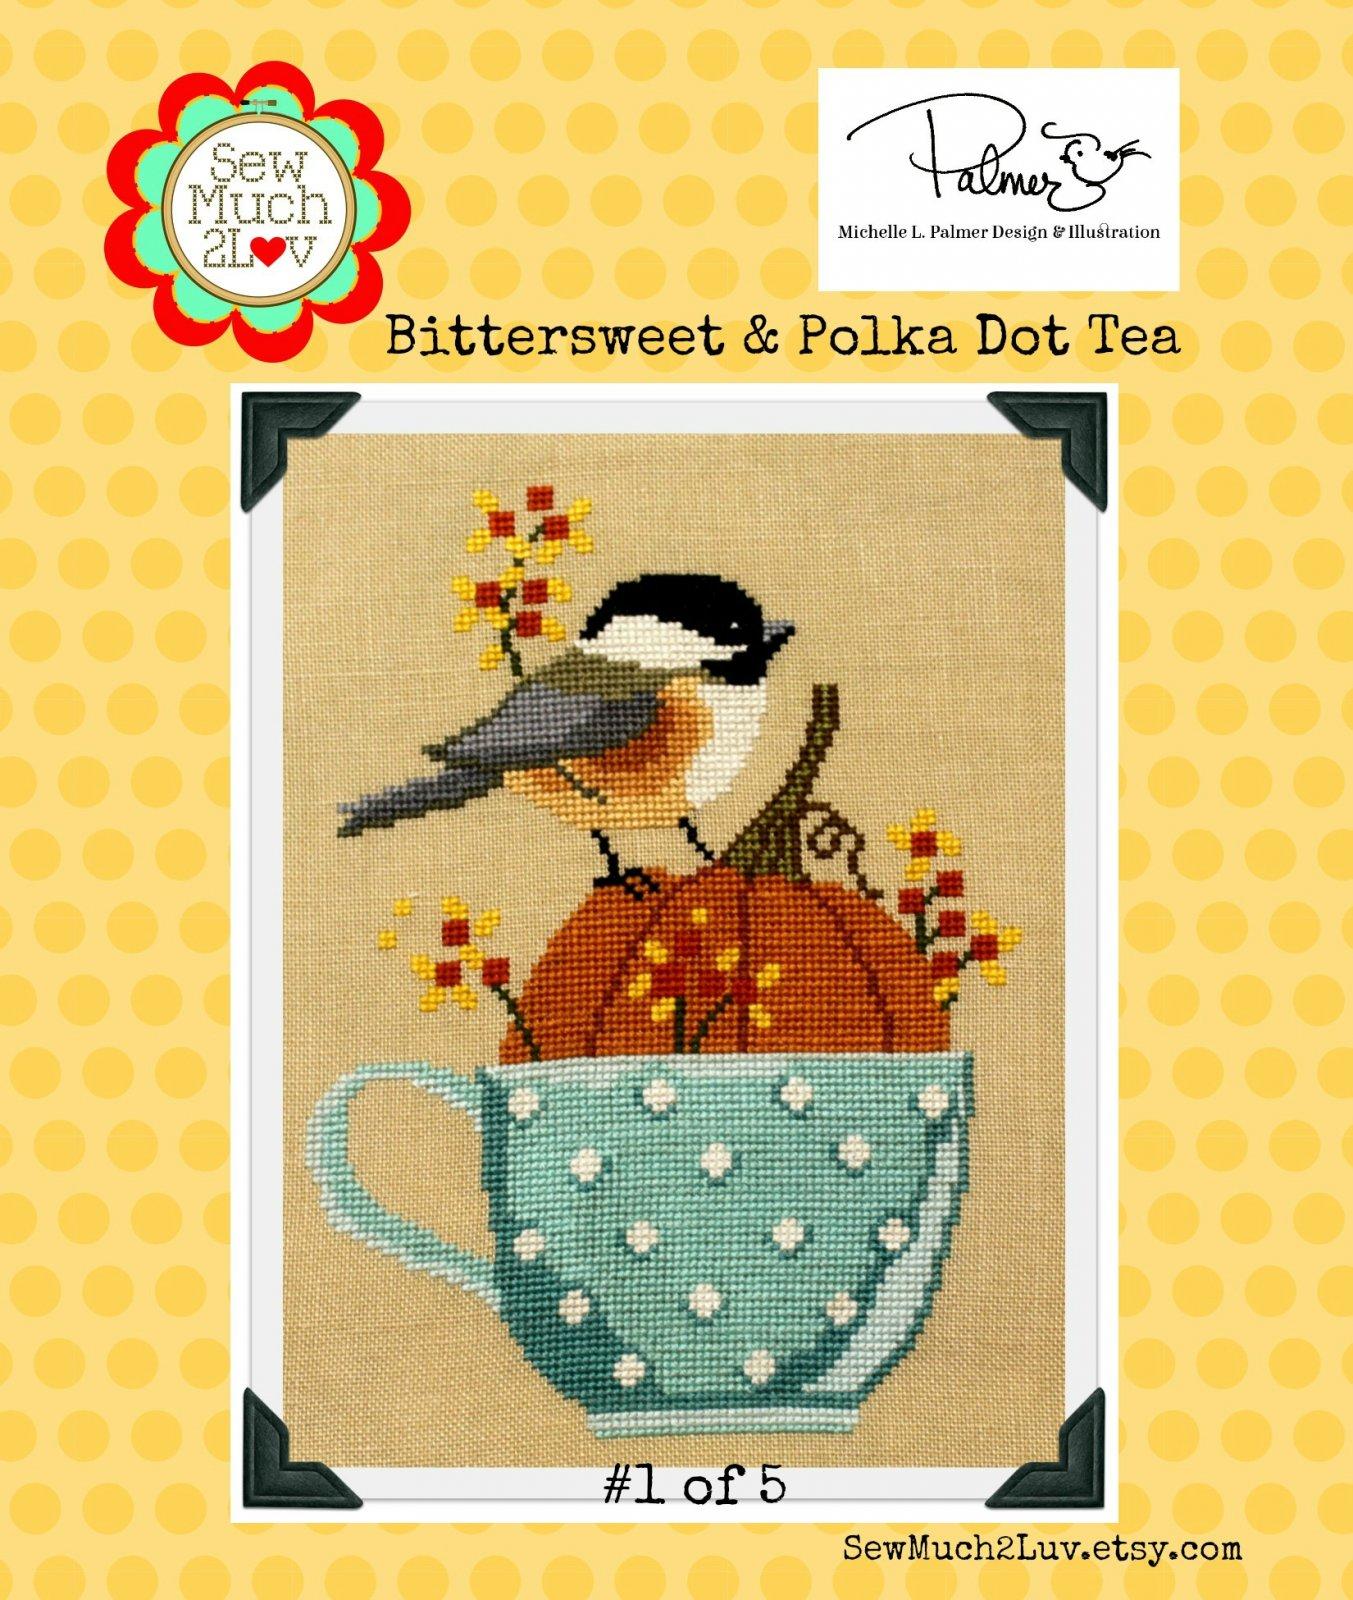 Bittersweet & Polka Dot Tea